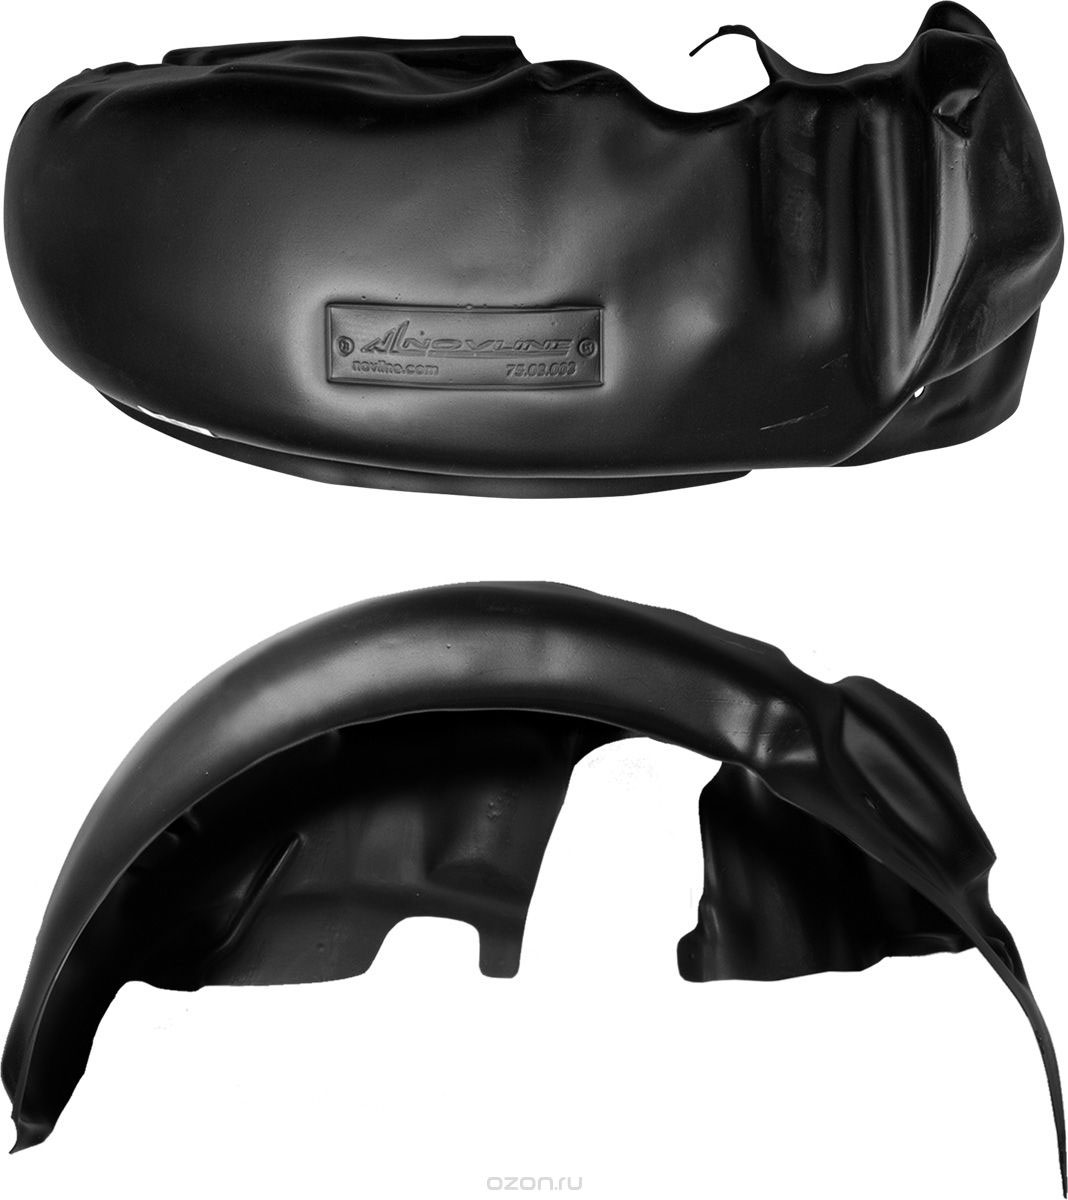 Подкрылок Novline-Autofamily, для TOYOTA Camry, 2011-2014, 2014->, передний левыйSVC-300Идеальная защита колесной ниши. Локеры разработаны с применением цифровых технологий, гарантируют максимальную повторяемость поверхности арки. Изделия устанавливаются без нарушения лакокрасочного покрытия автомобиля, каждый подкрылок комплектуется крепежом. Уважаемые клиенты, обращаем ваше внимание, что фотографии на подкрылки универсальные и не отражают реальную форму изделия. При этом само изделие идет точно под размер указанного автомобиля.